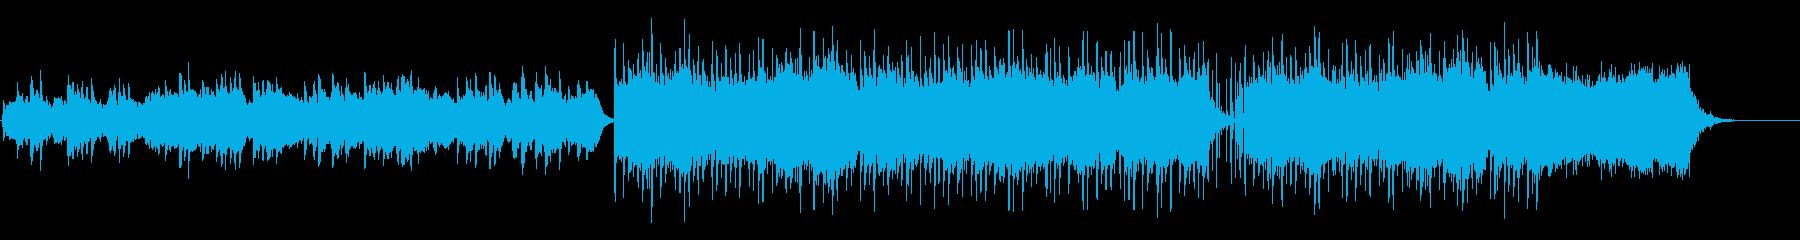 優しく暖かなシンセ主体の曲の再生済みの波形